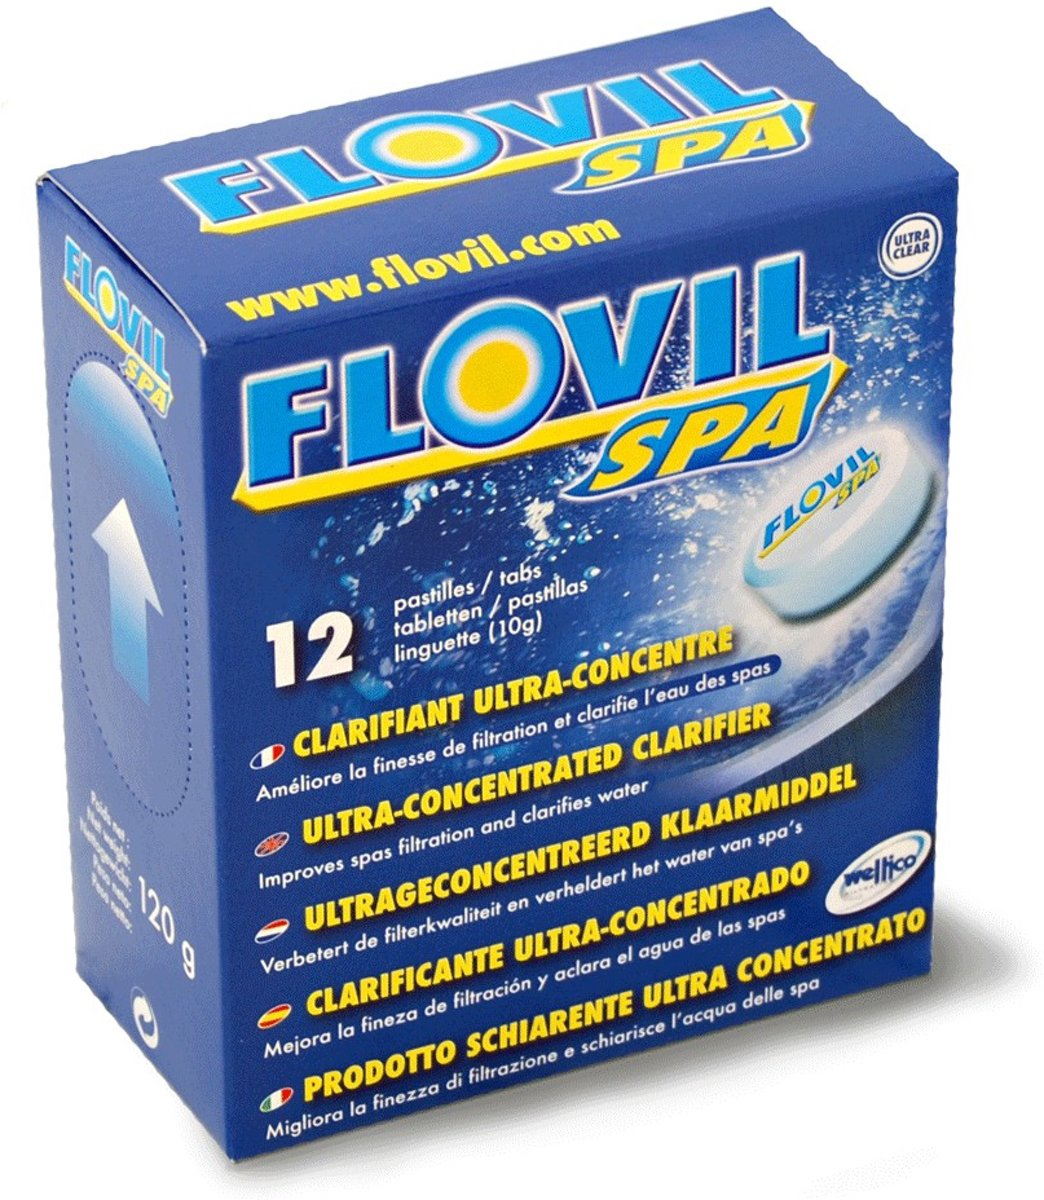 Flovil Choc Spa